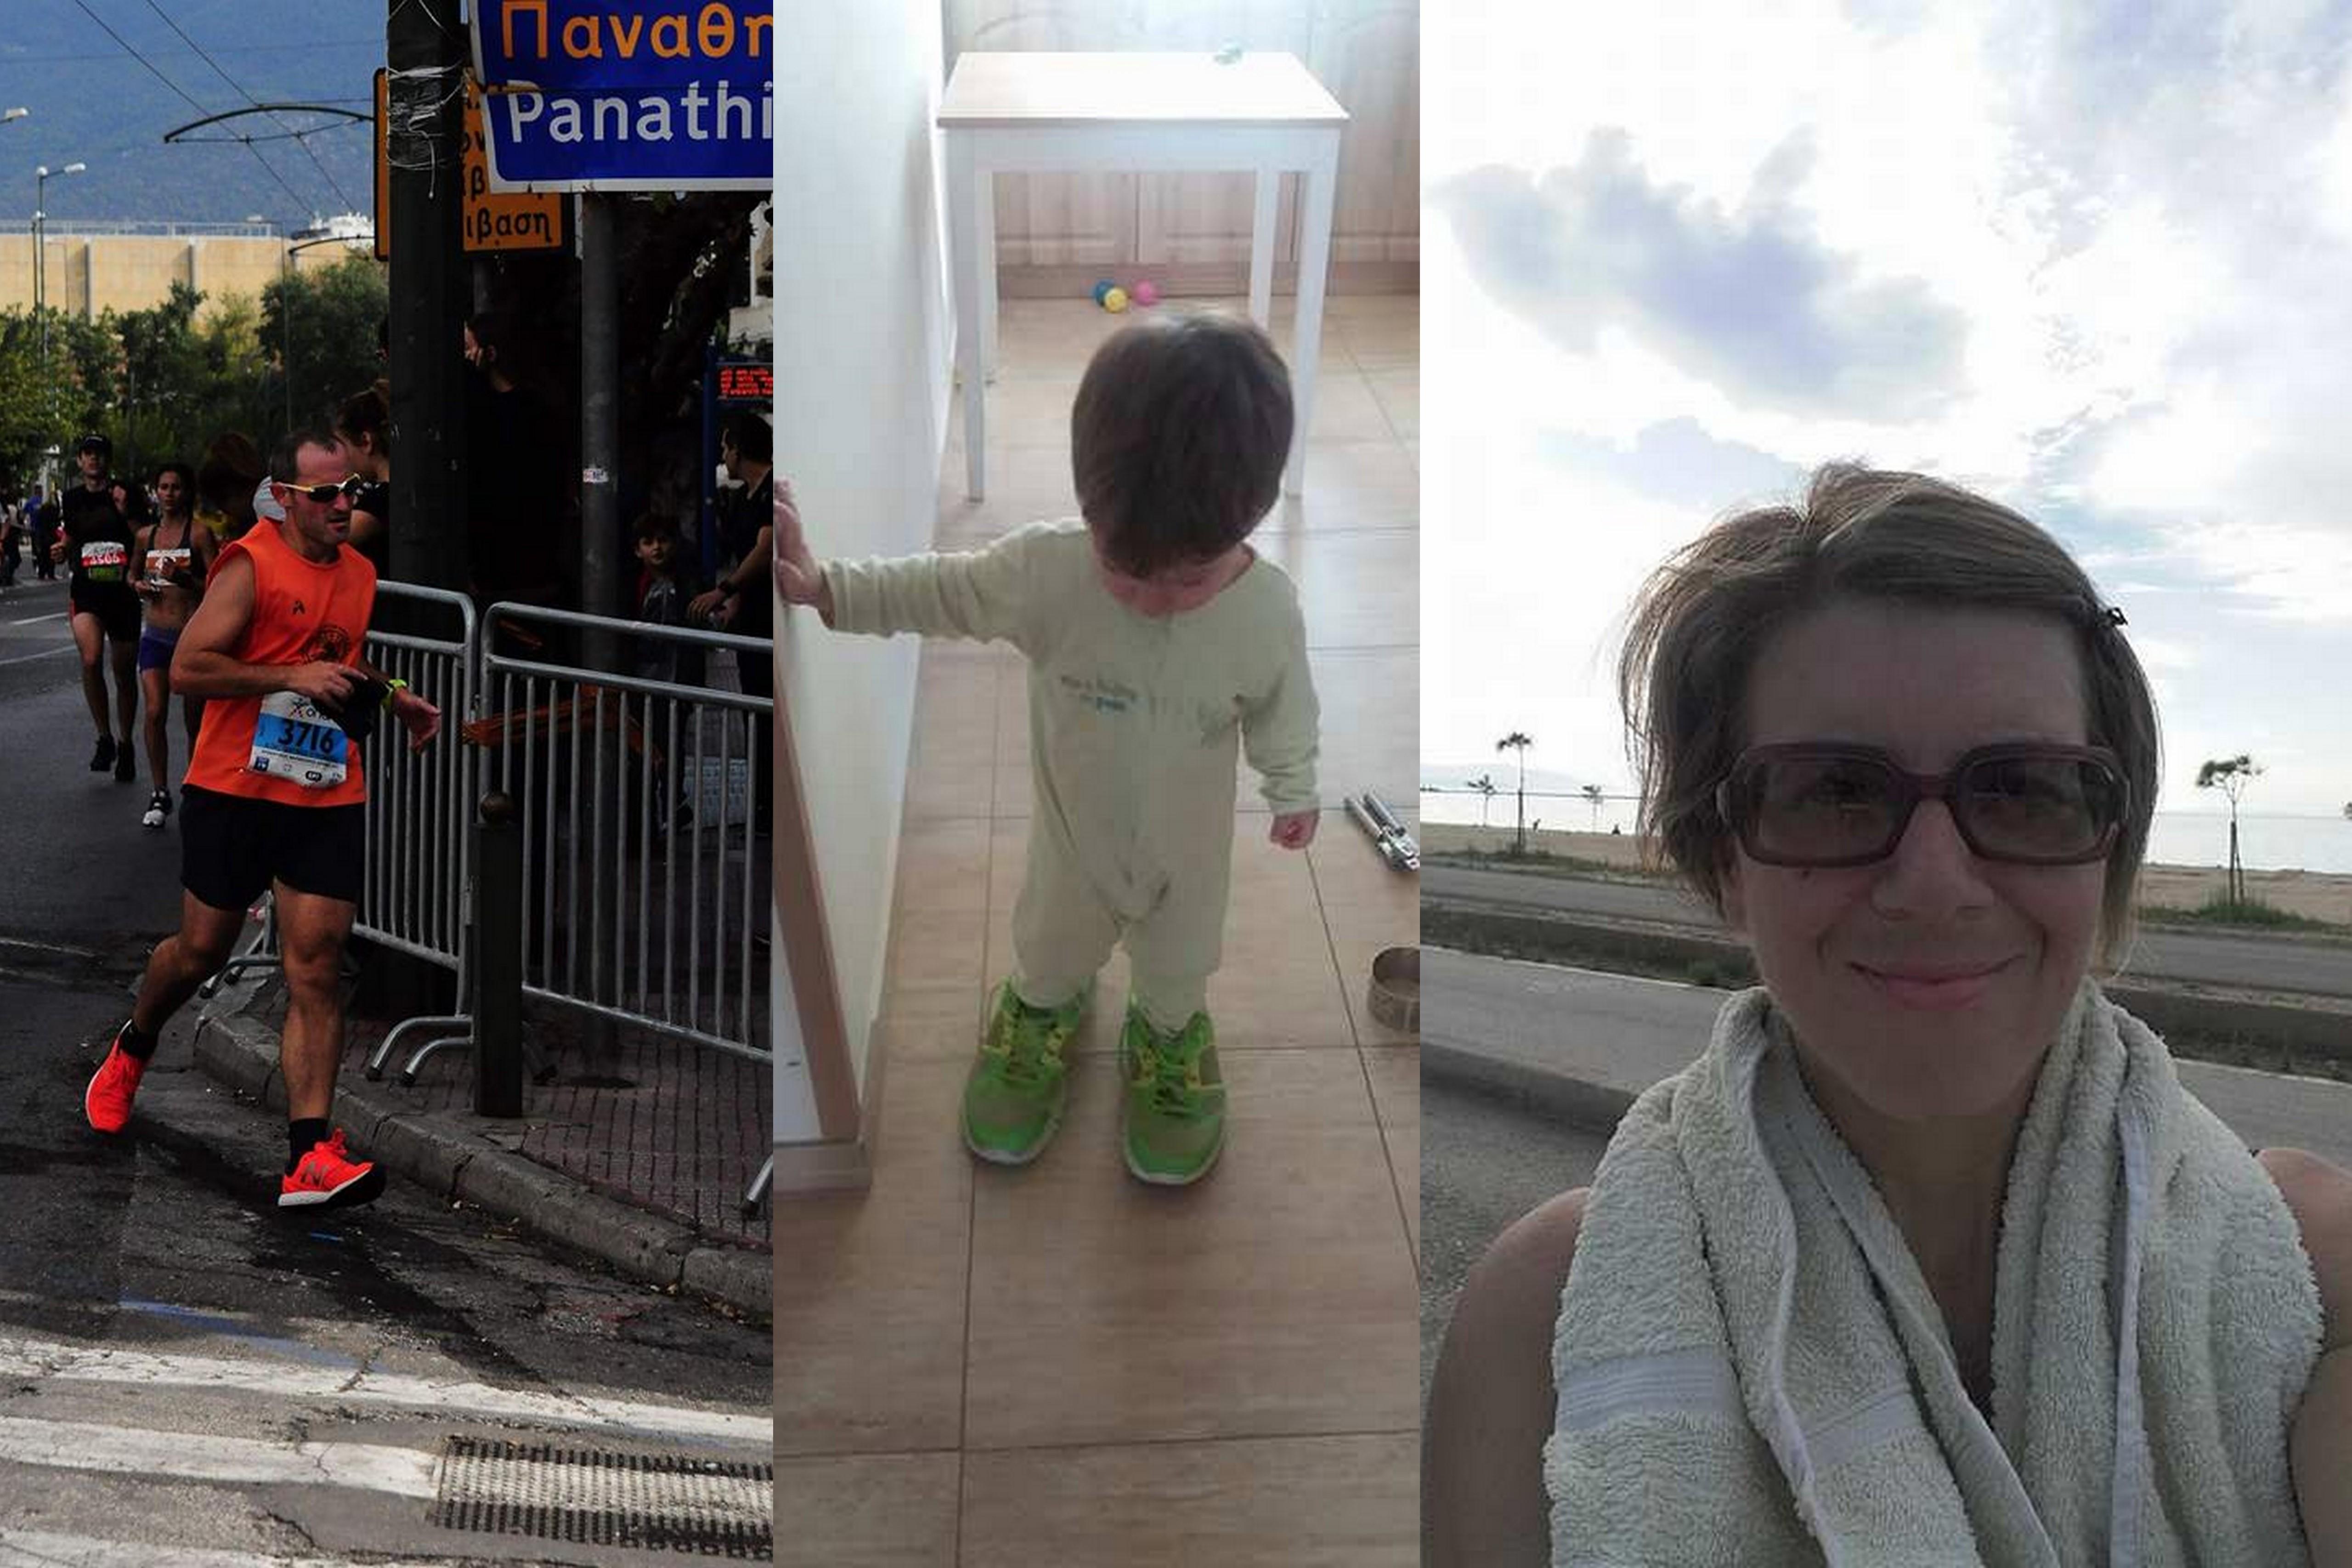 Ο μπαμπάς στον Μαραθώνιο, η μαμά στην προπόνηση και ο Δημητράκης στη δρομική εκκόλαψη!